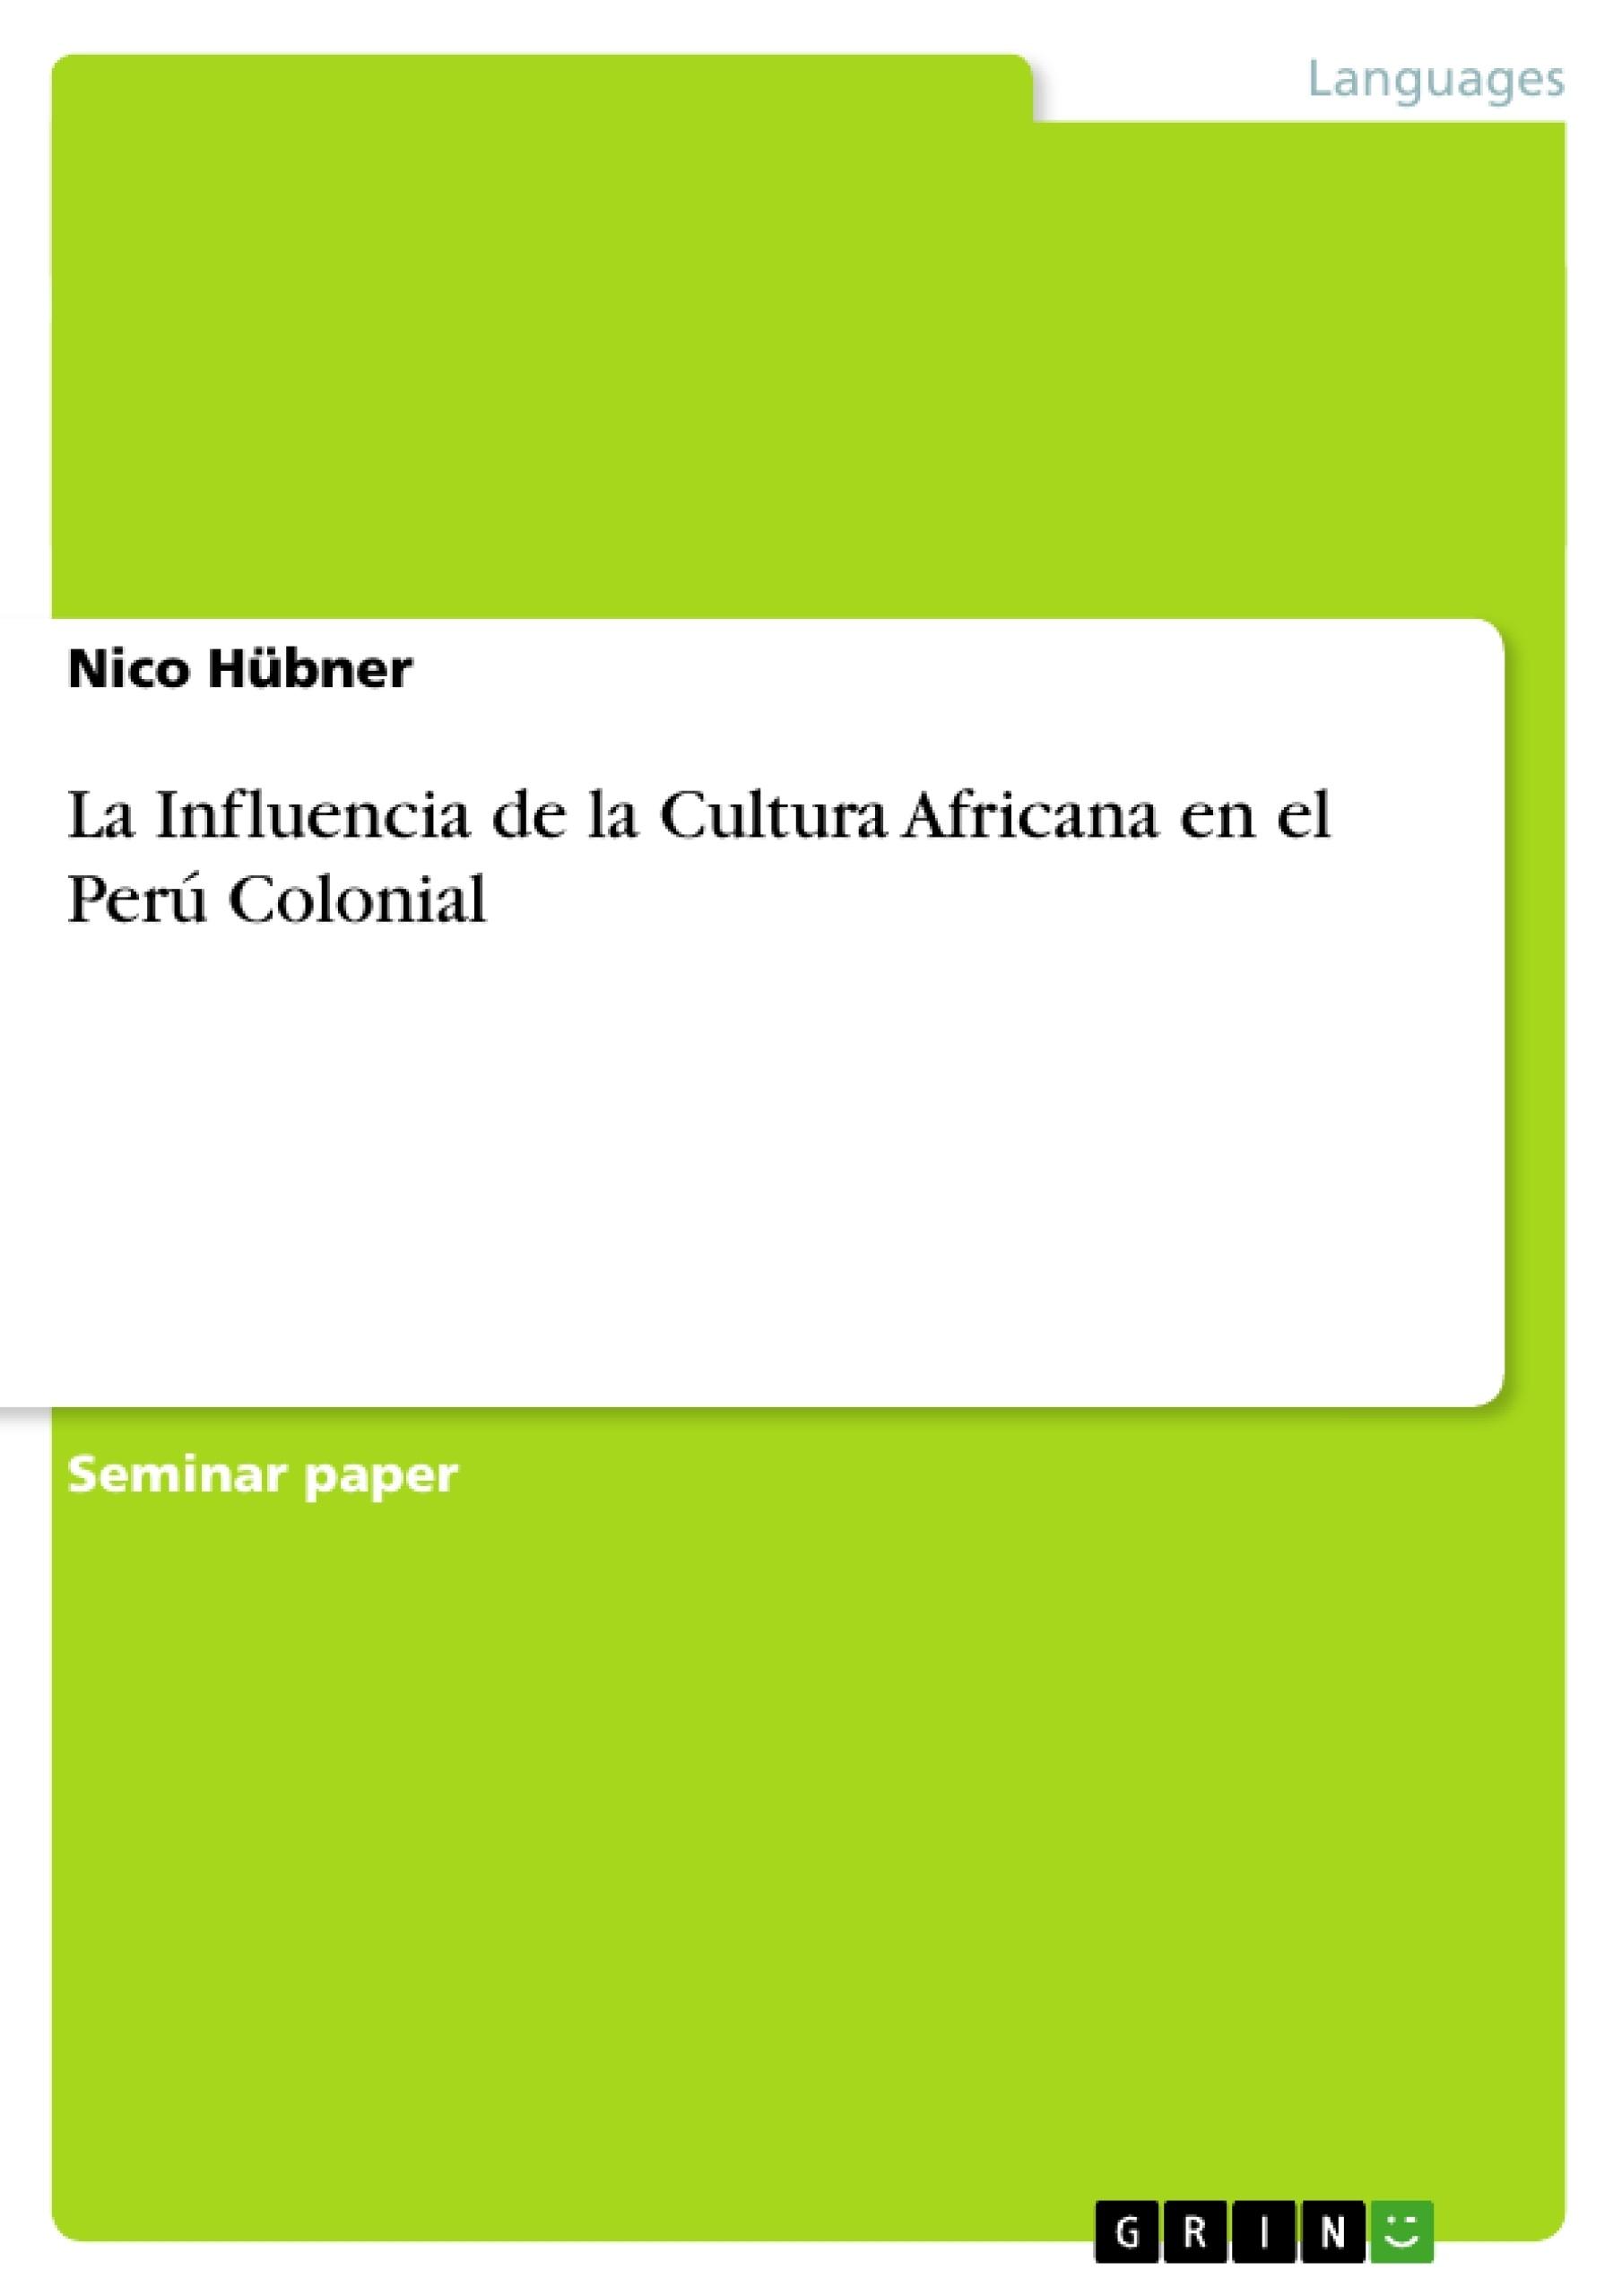 Título: La Influencia de la Cultura Africana en el Perú Colonial